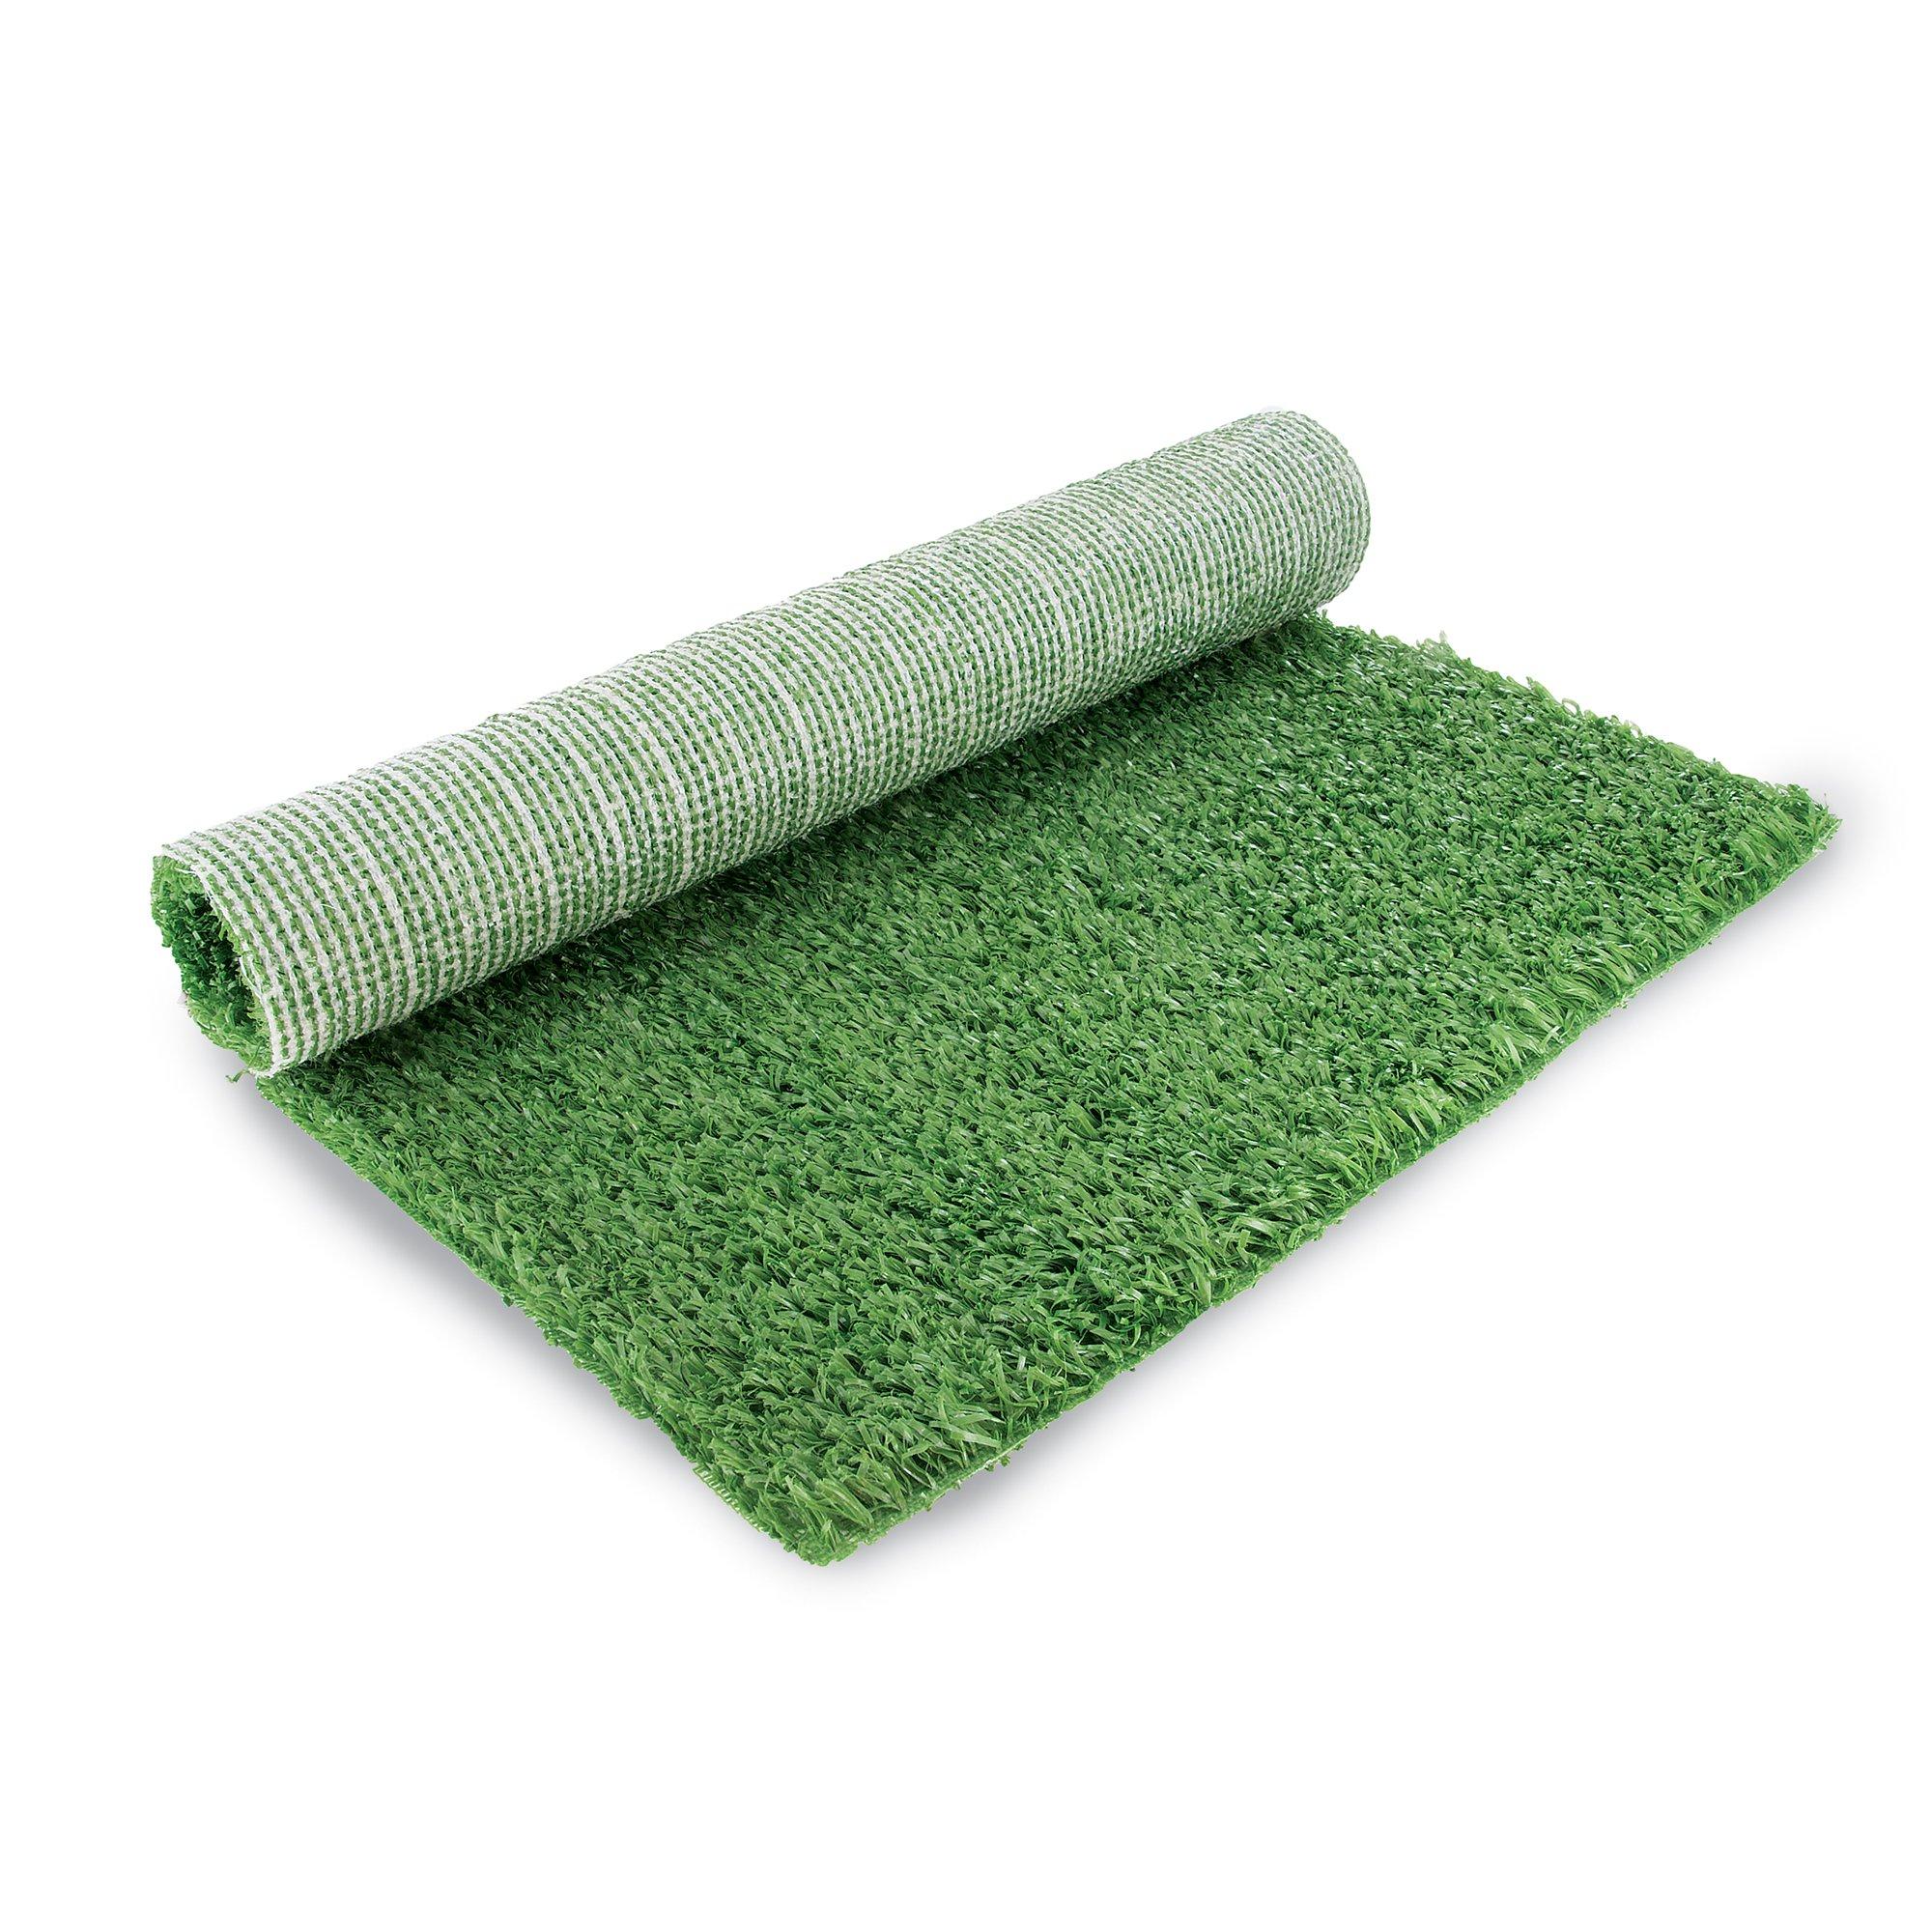 Pet Loo Original Replacement Pet Grass for Dogs